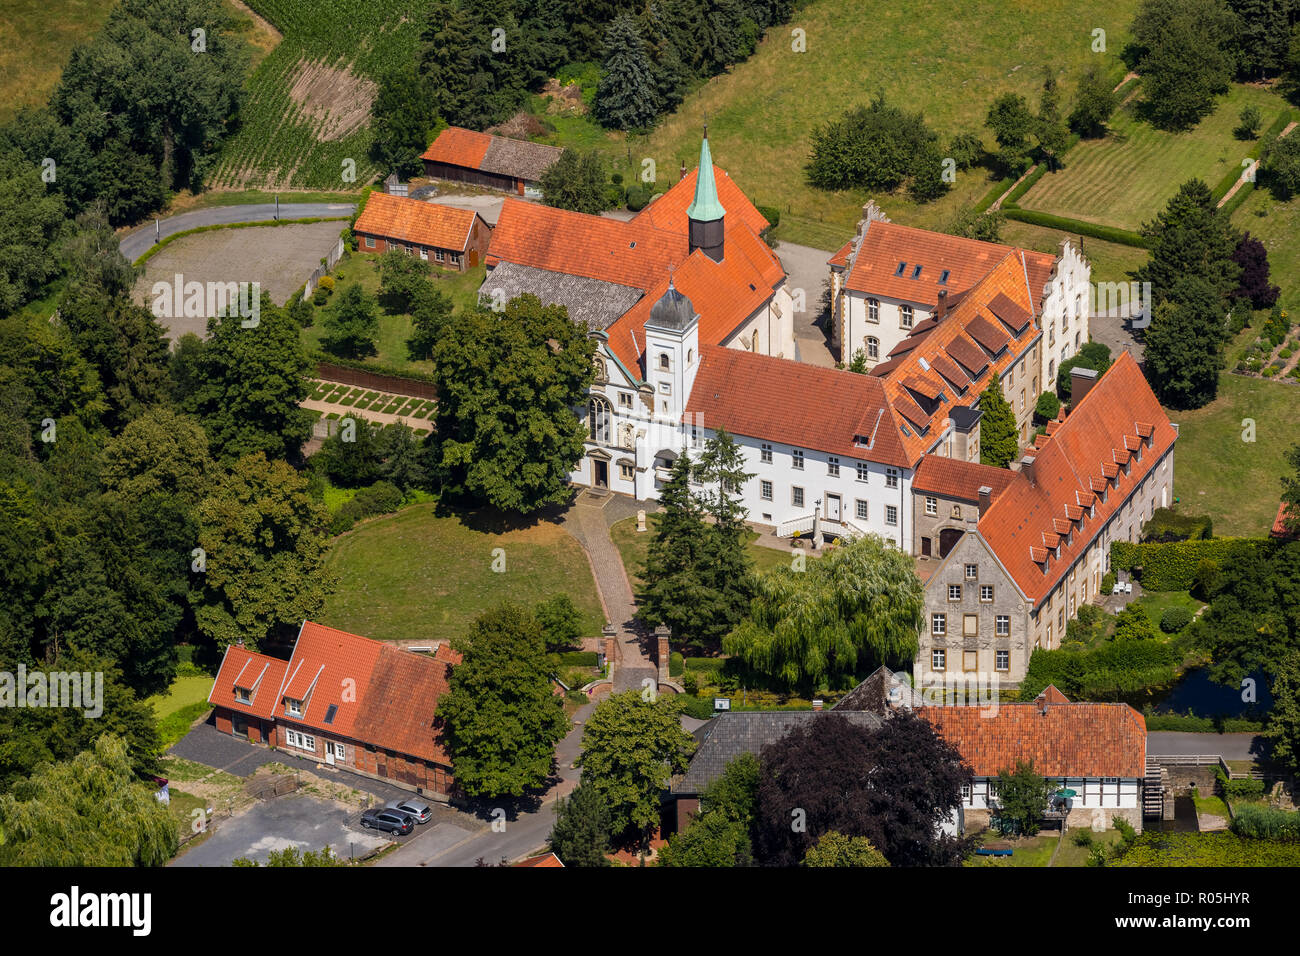 Luftbild, Kloster Vinnenberg - Ort Geistlicher Erfahrungen, Landgasthof - Zum kühlen Grunde, Bever, Staatswald Vinnenberger Busch, Warendorf, Münsterl - Stock Image